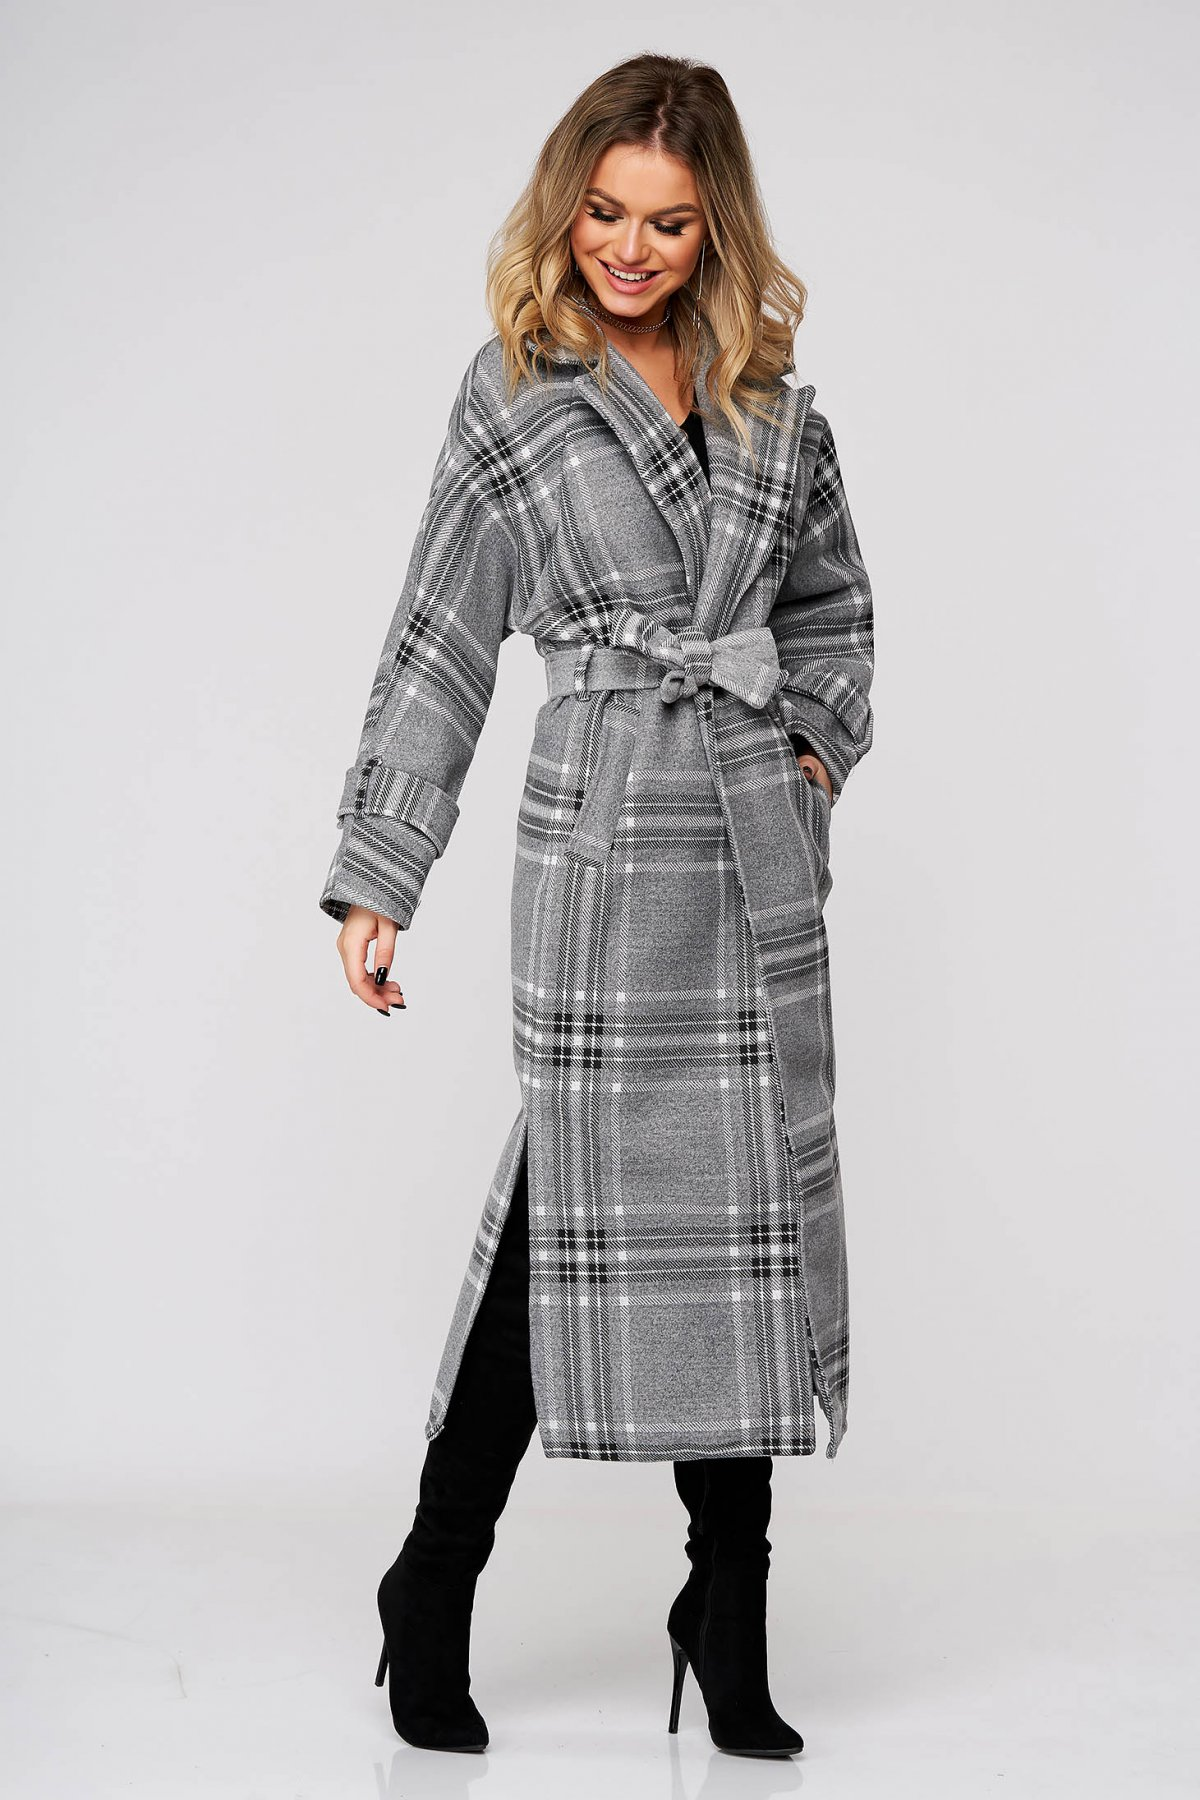 Palton SunShine gri lunga cu un croi drept accesorizat cu cordon din stofa neelastica in carouri imagine